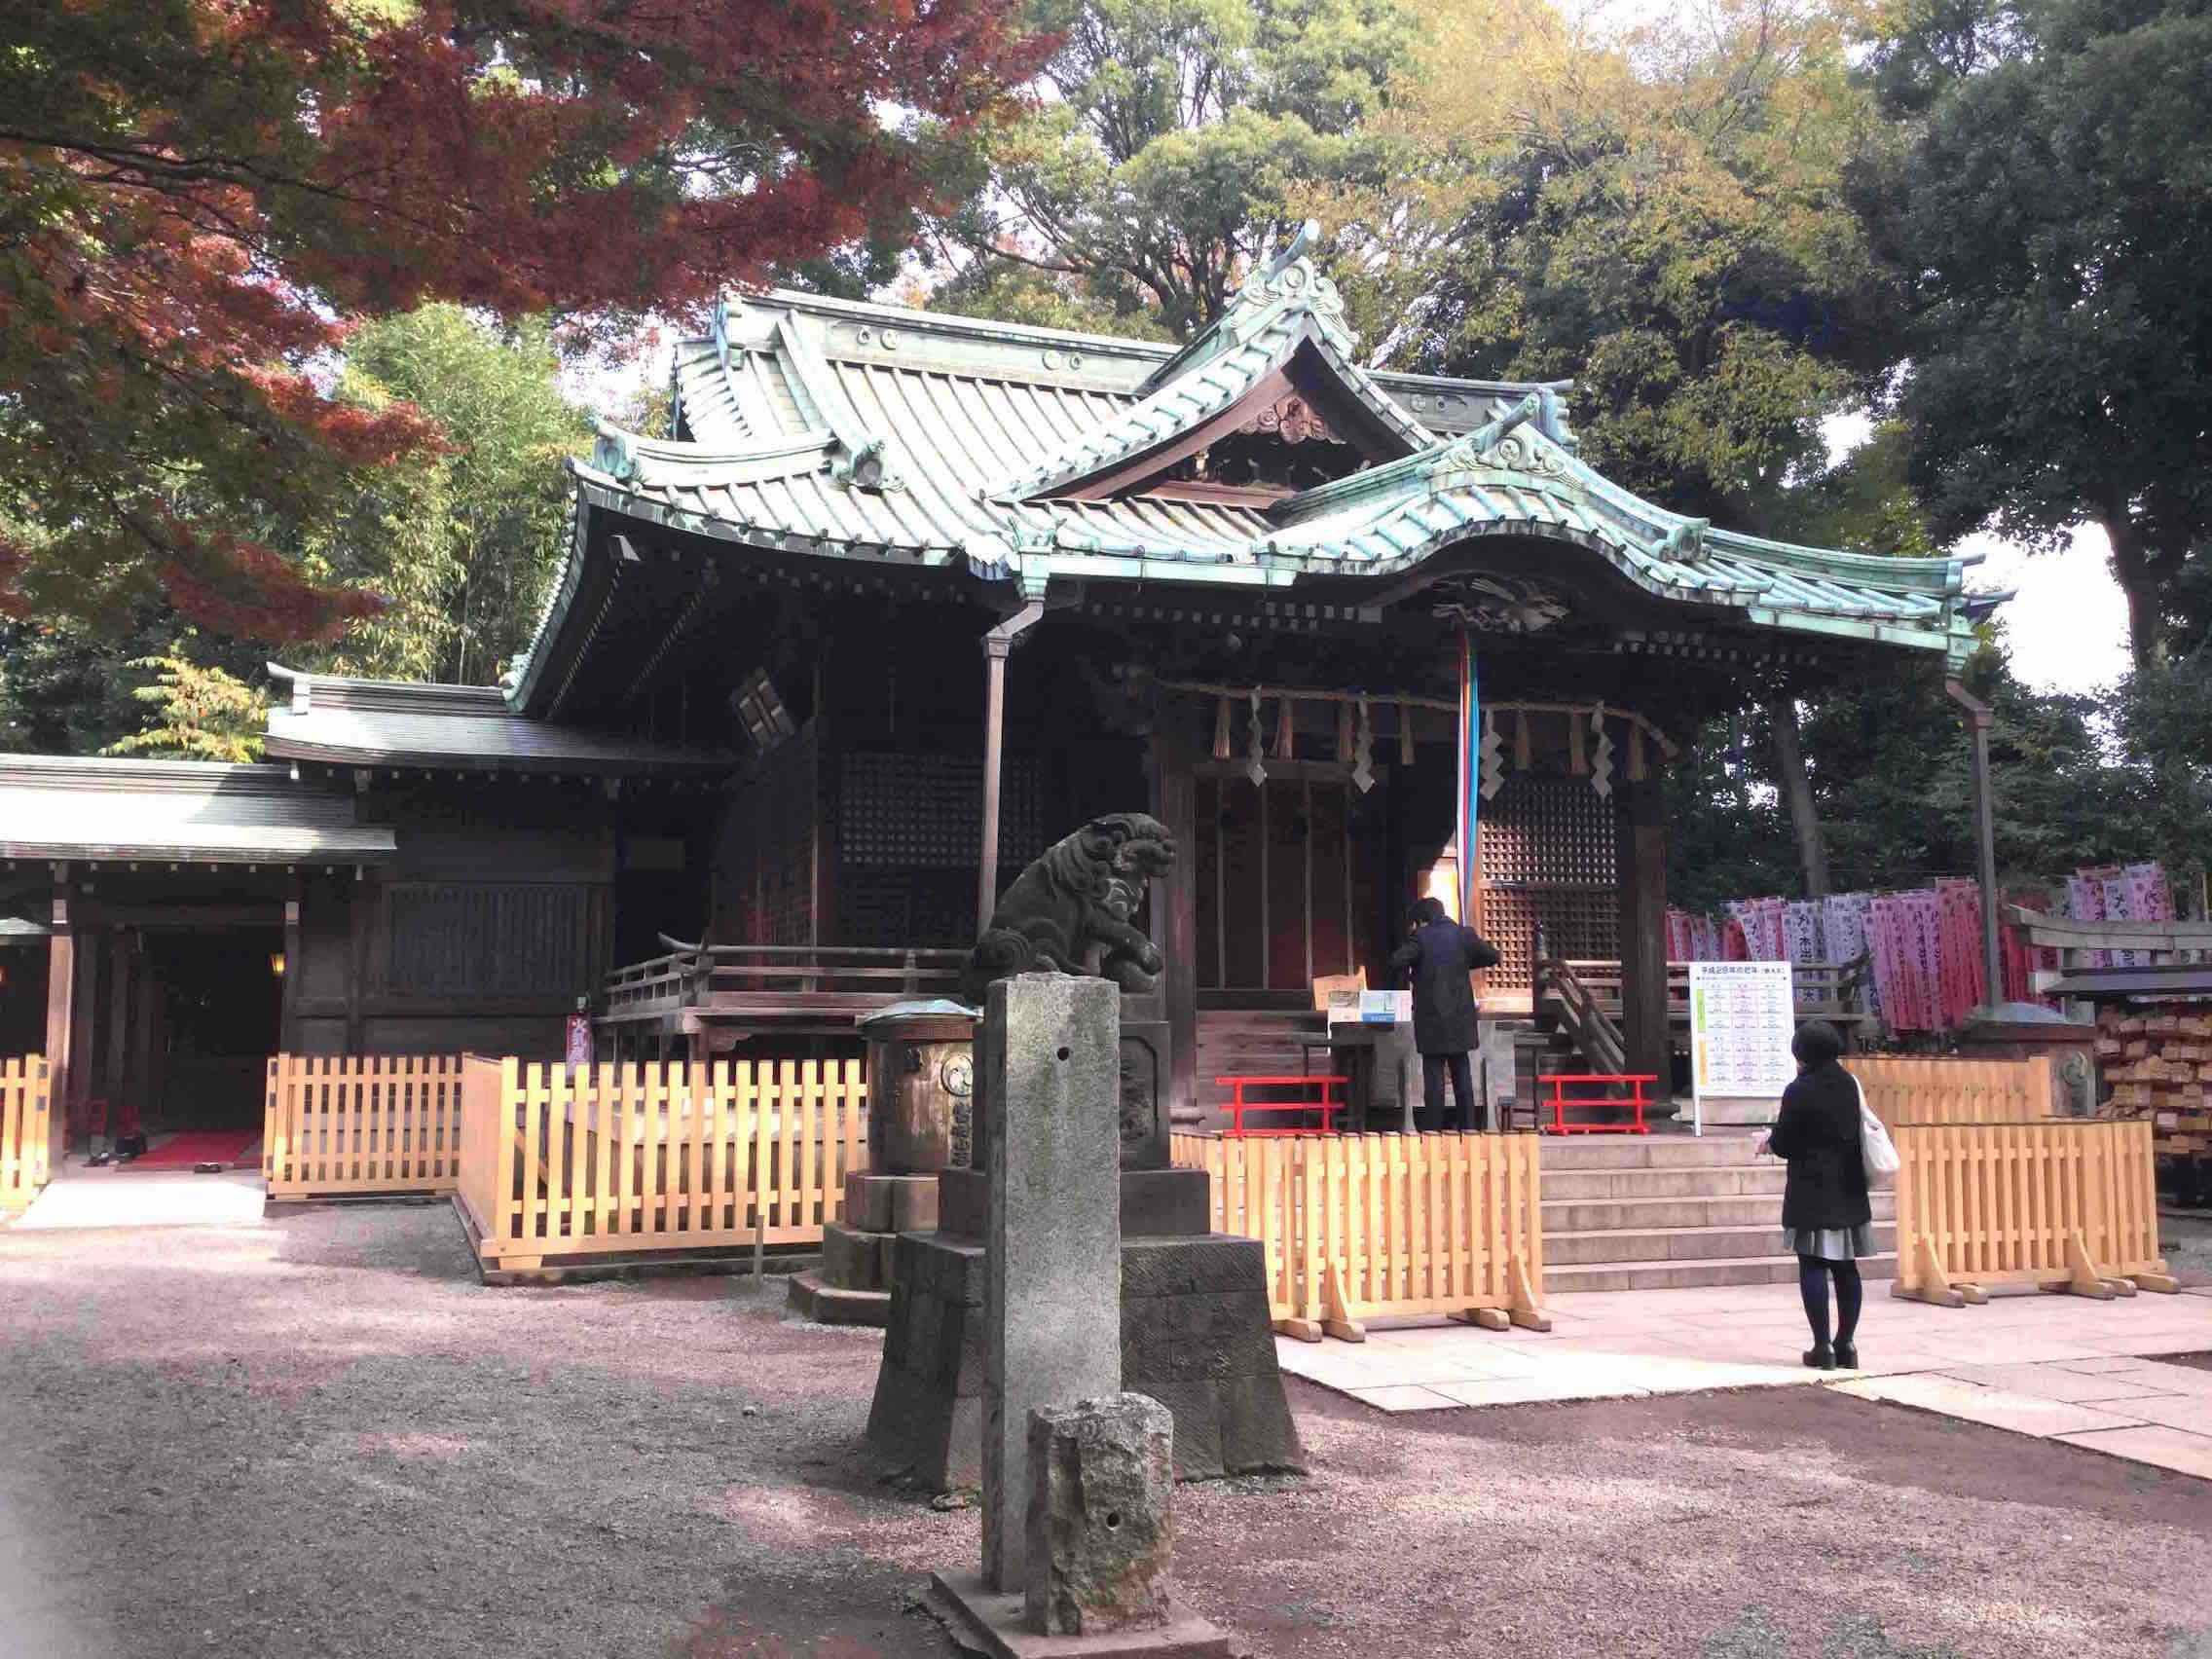 初詣に☆神社での正しいお参りの仕方